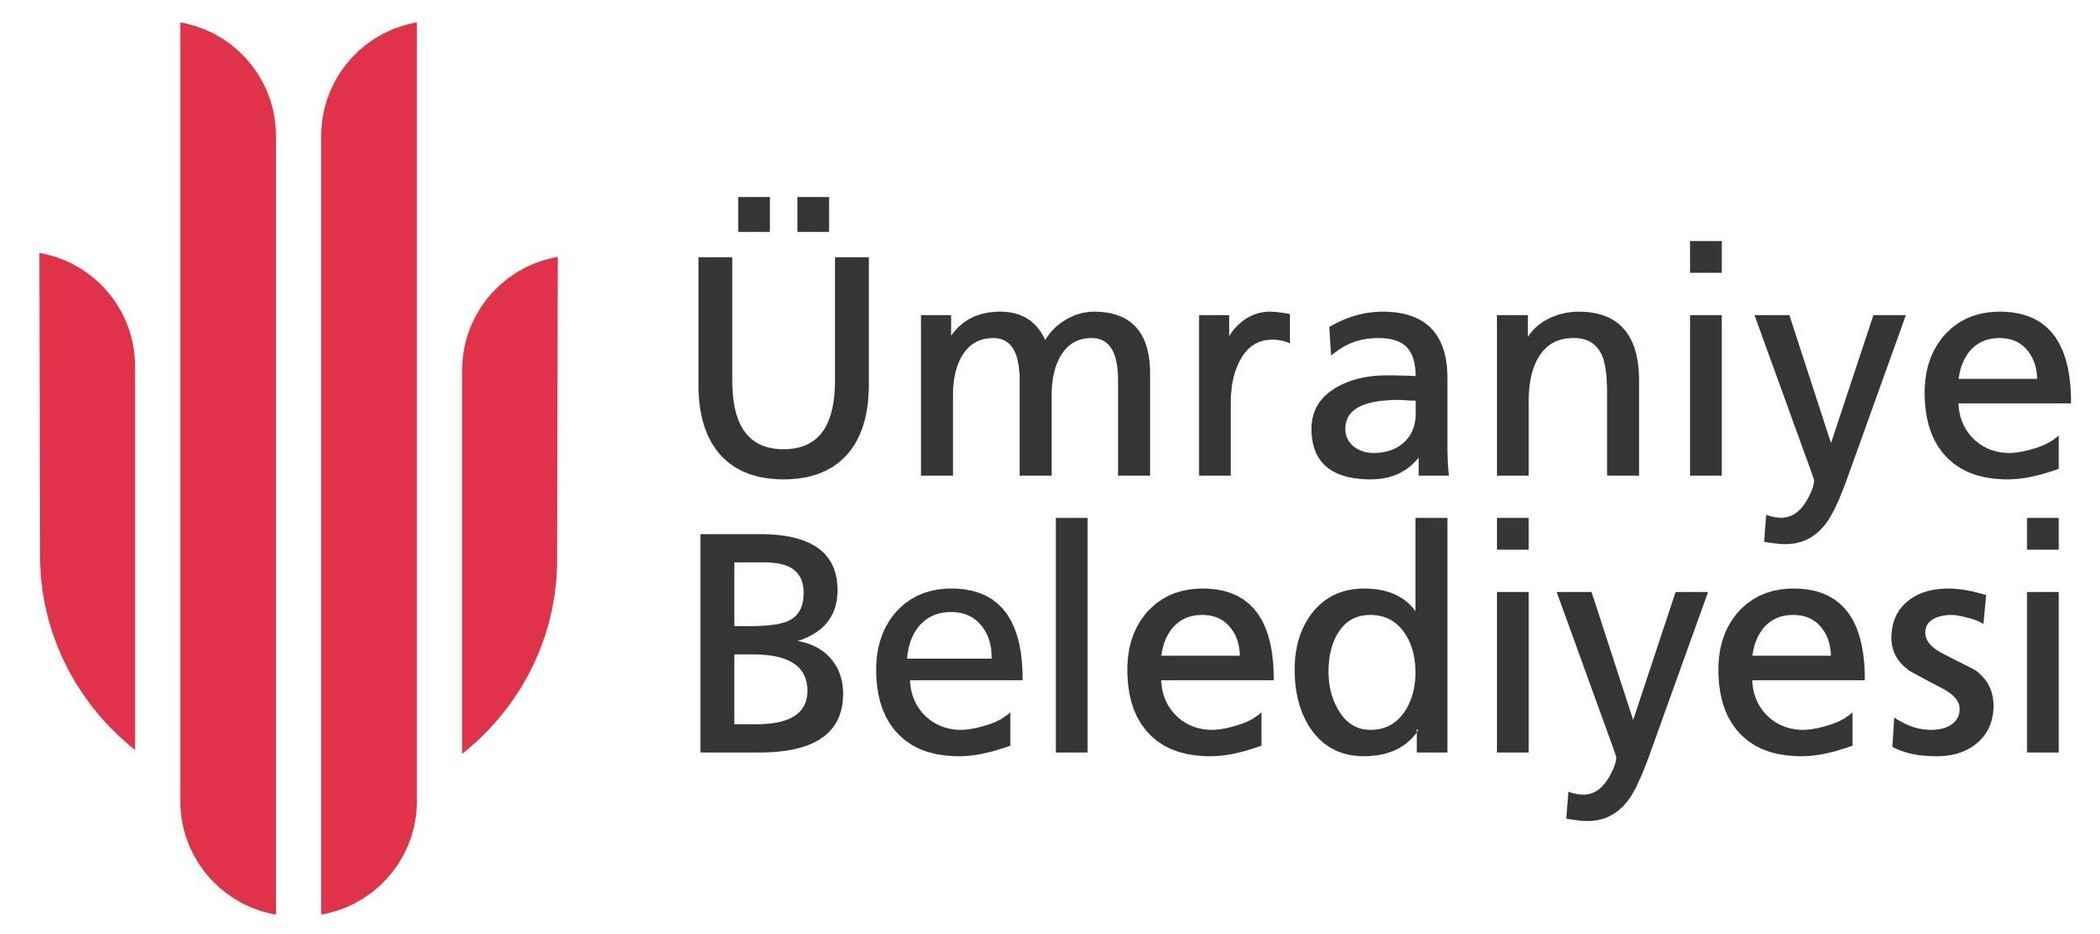 ümraniye belediyesi logosu ile ilgili görsel sonucu